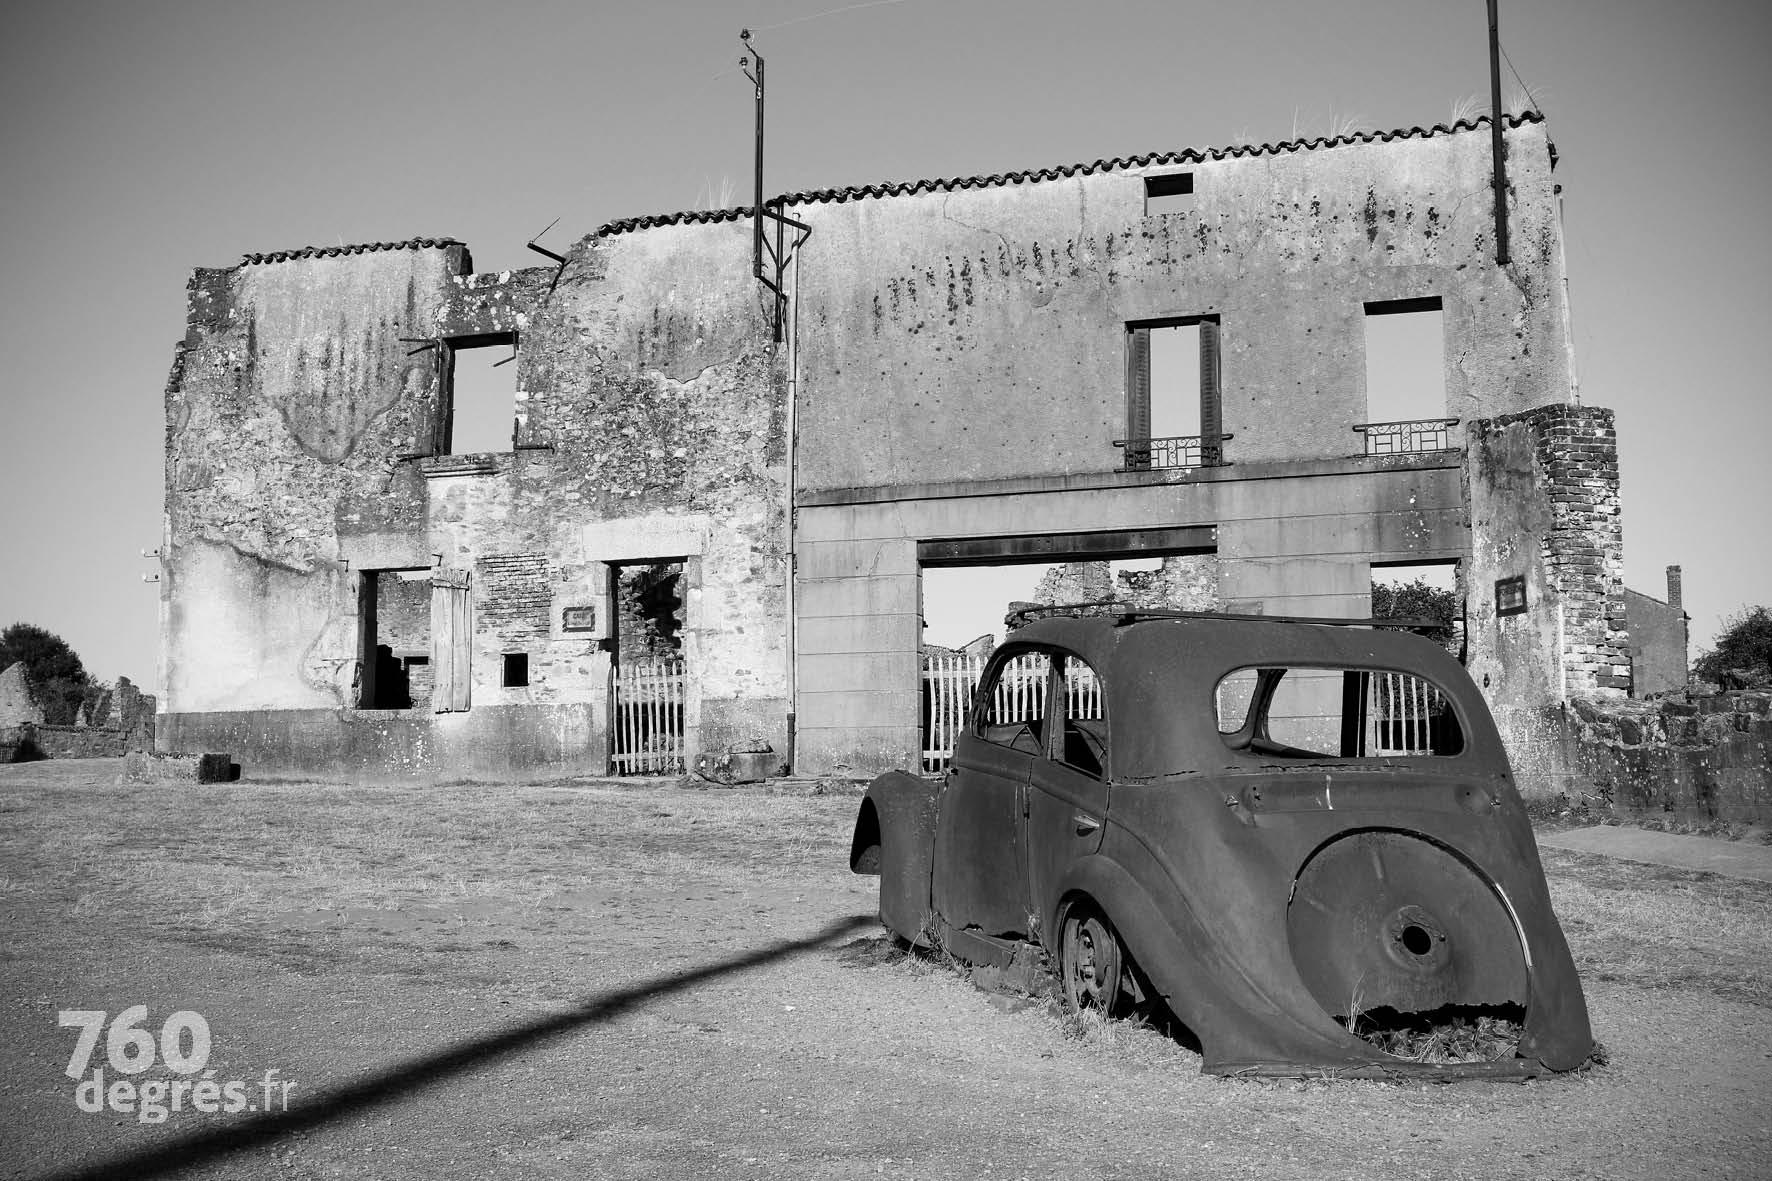 photos-760degres-oradour-11